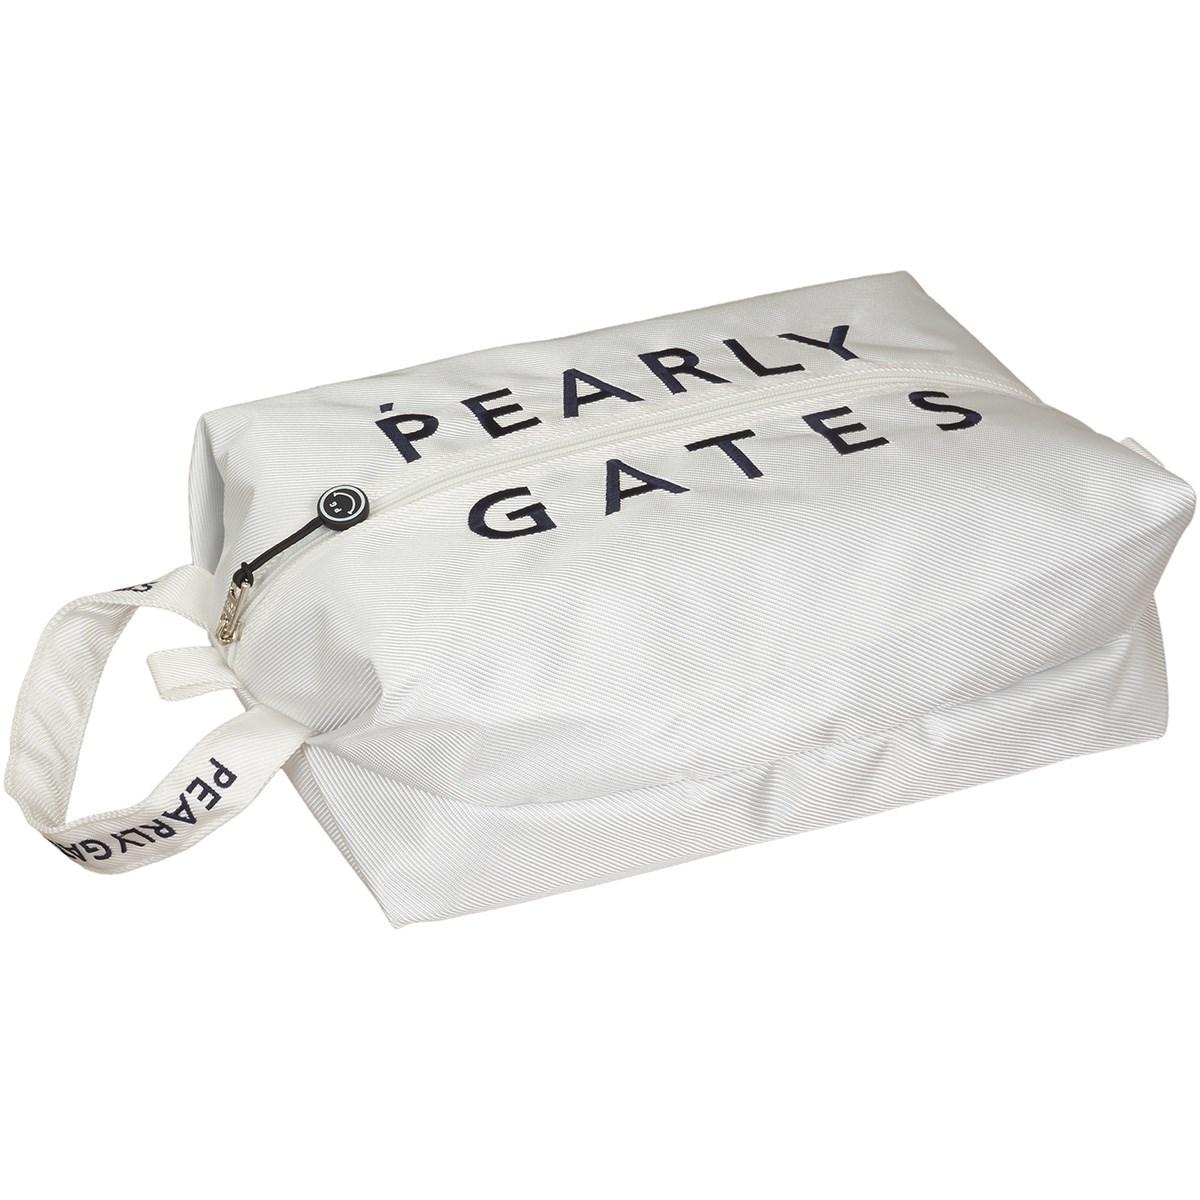 [2020年モデル] パーリーゲイツ PEARLY GATES シューズケース ホワイト 030 メンズ ゴルフ